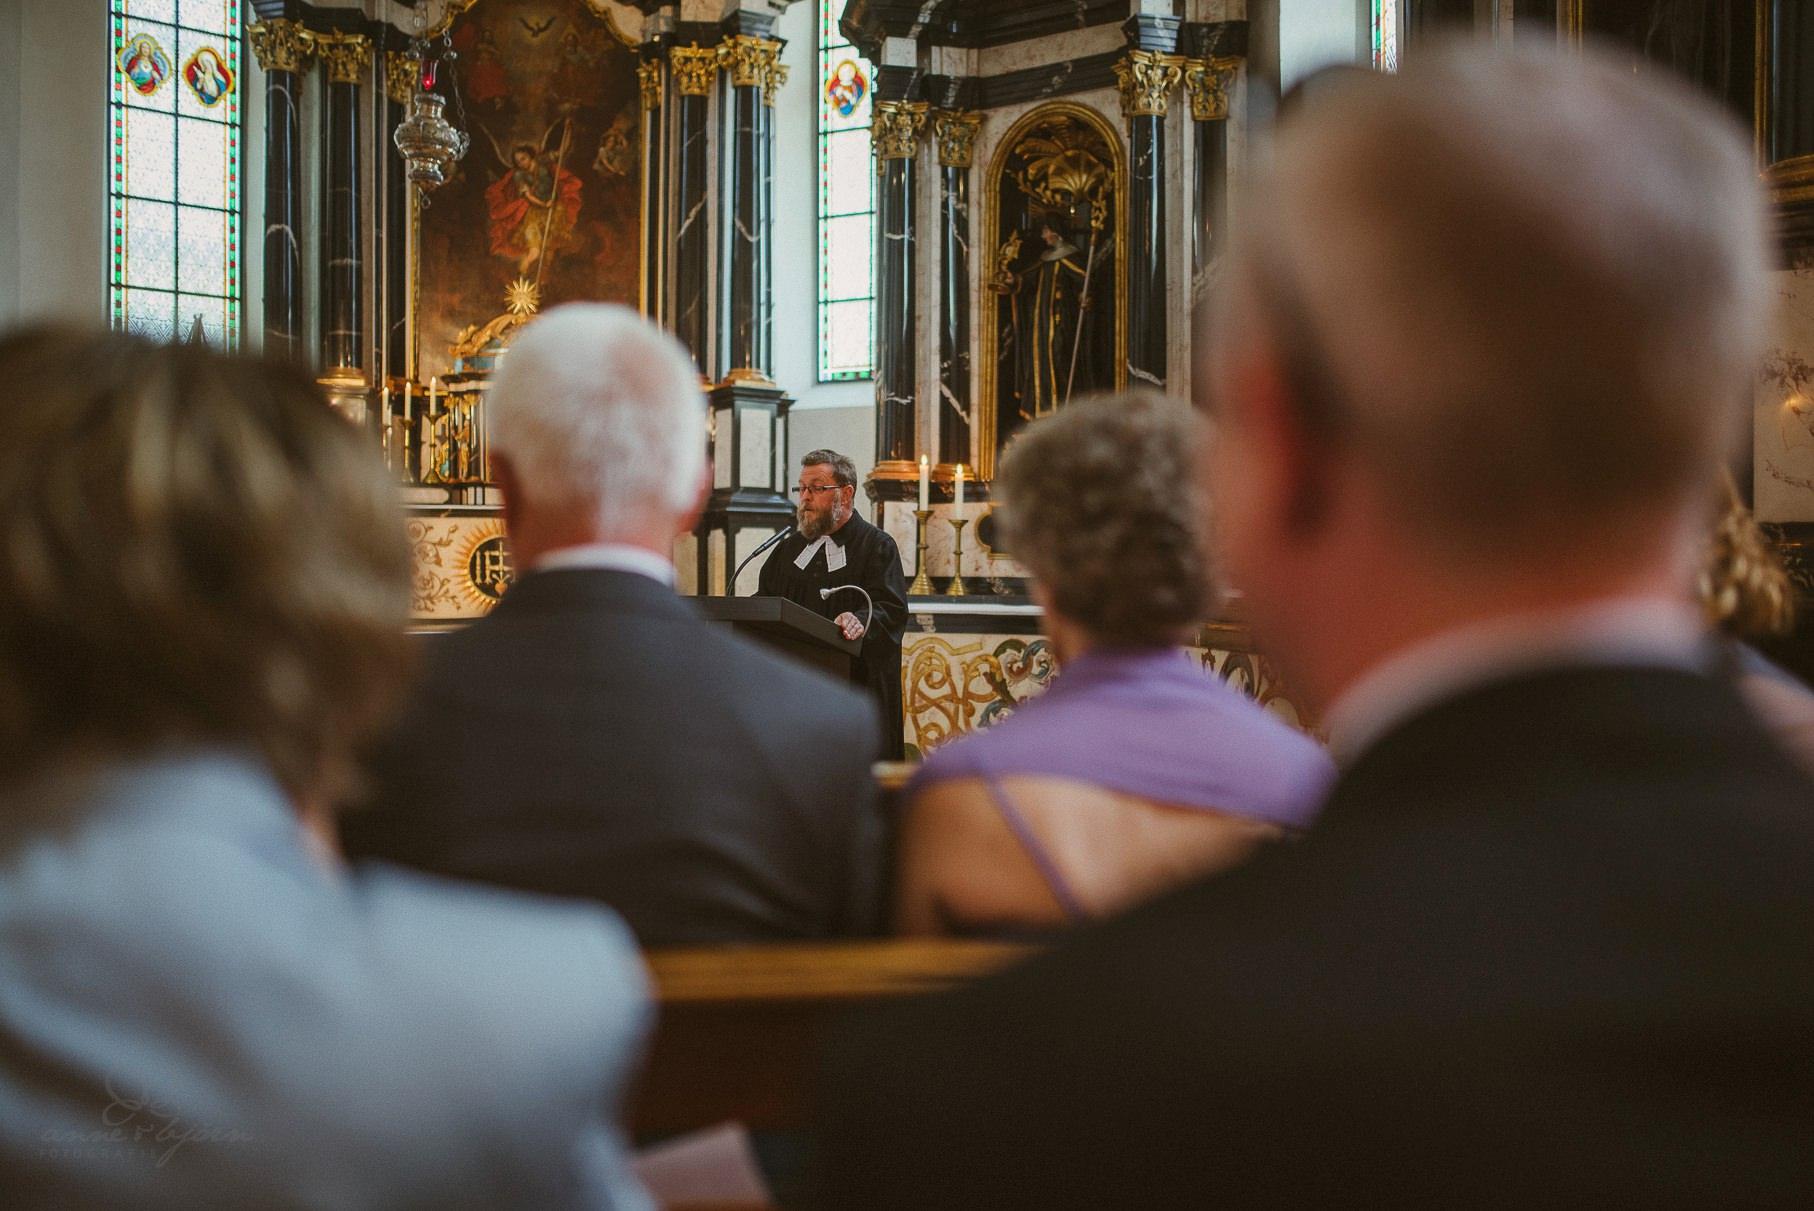 0041 anne und bjoern hochzeit schweiz d75 9994 - DIY Hochzeit in der Schweiz - Sabrina & Christoph